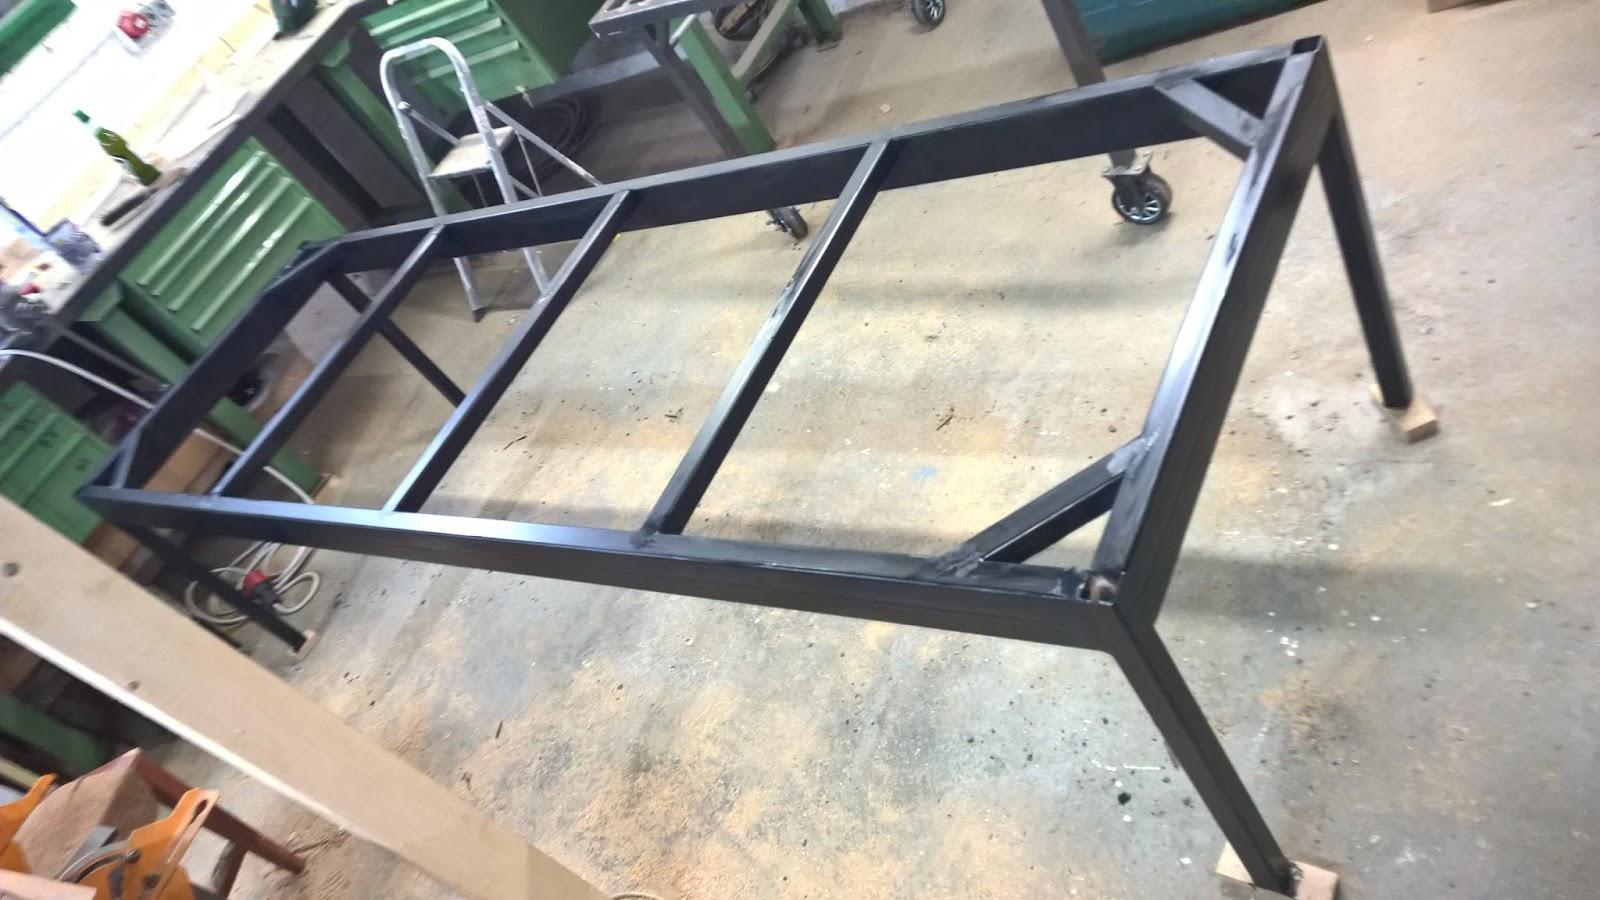 Kühlschrank Untergestell : Untergestell für grill selber bauen grill beistelltisch selber bauen